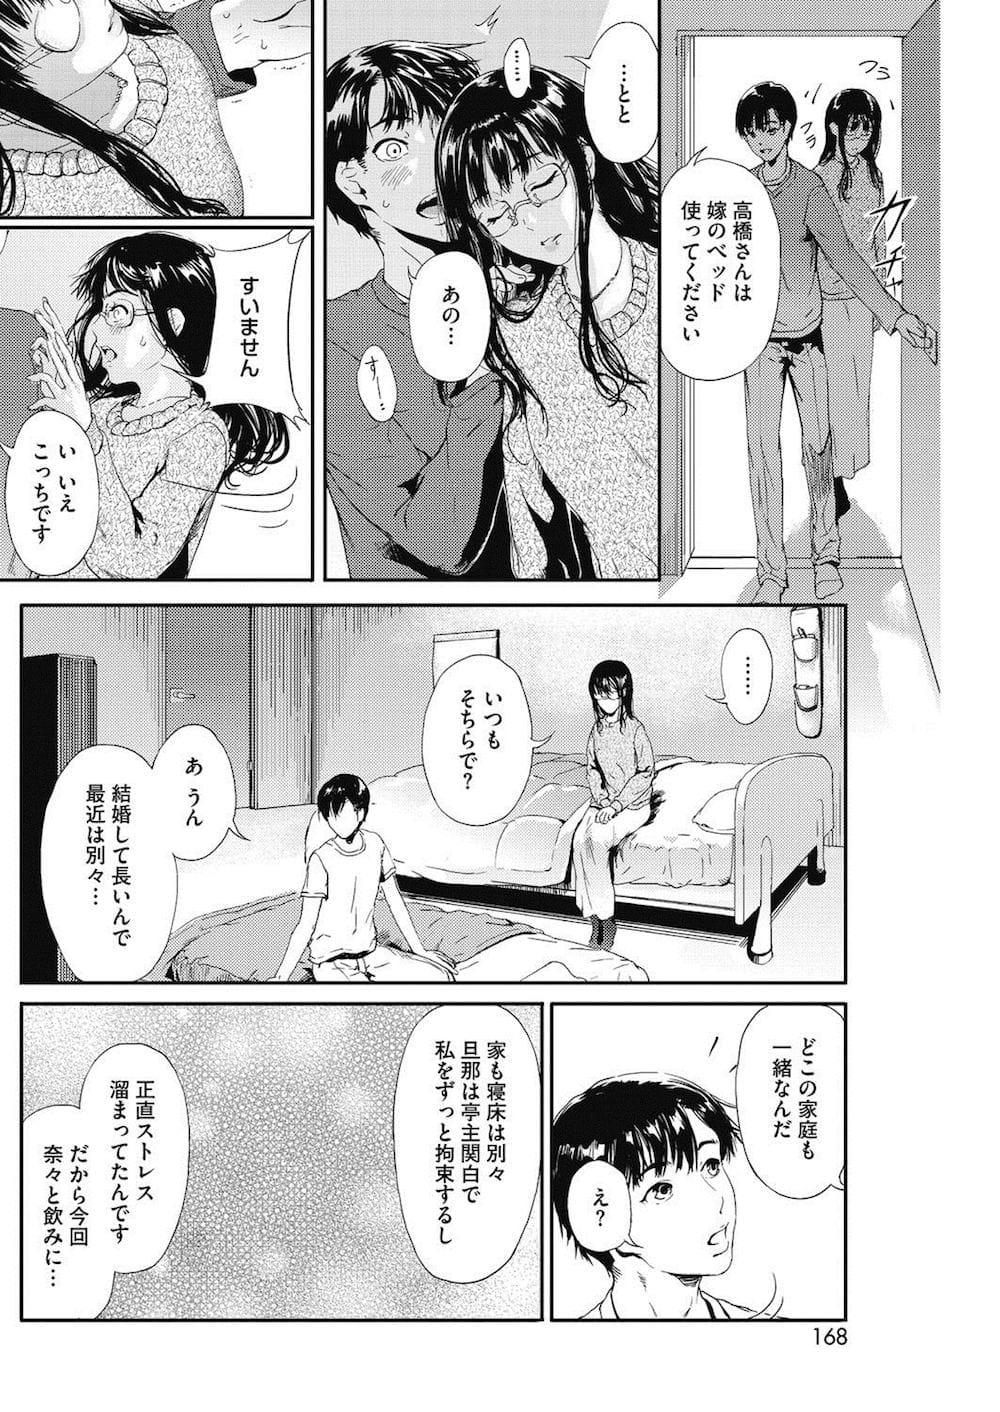 【エロ漫画】嫁の親友のパンストパンチラに発情!寝室で理性崩壊してレイプしちゃった!1回、中出ししたら2回も一緒とアヘ顔でチンポ欲しがってきた!【くろふーど】